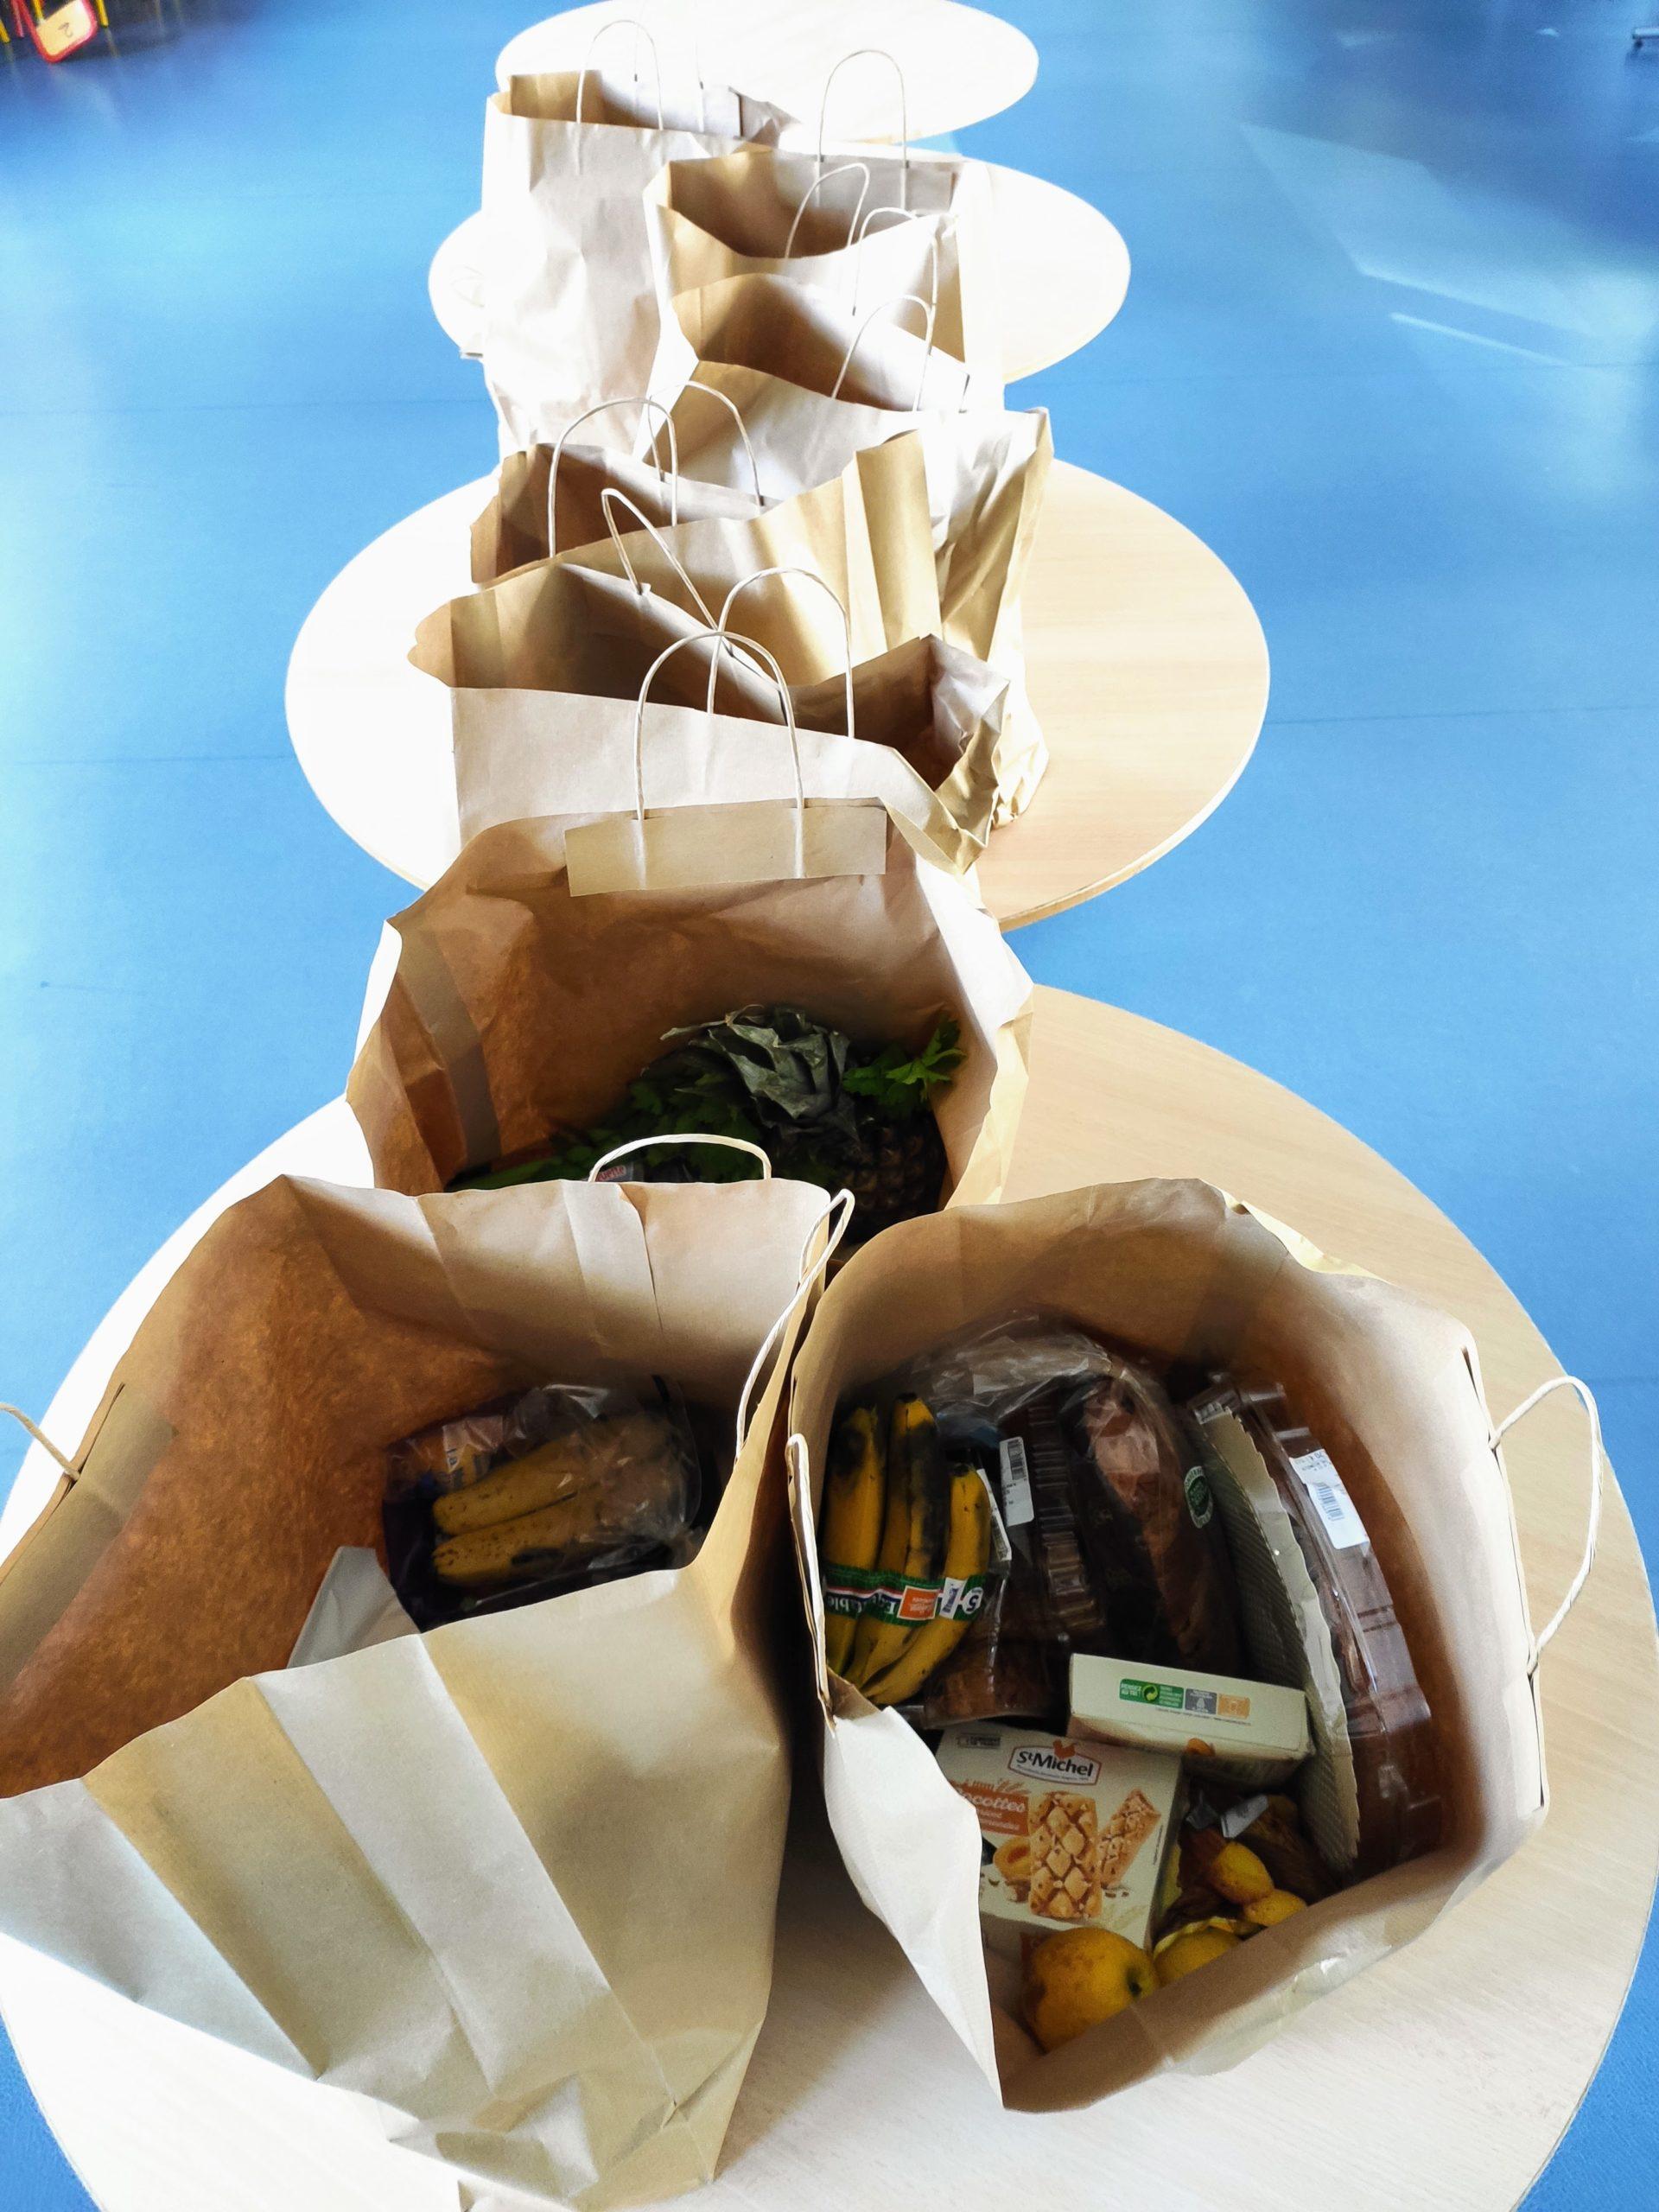 Sacs de course en papier ouvert avec des denrées alimentaires dedans